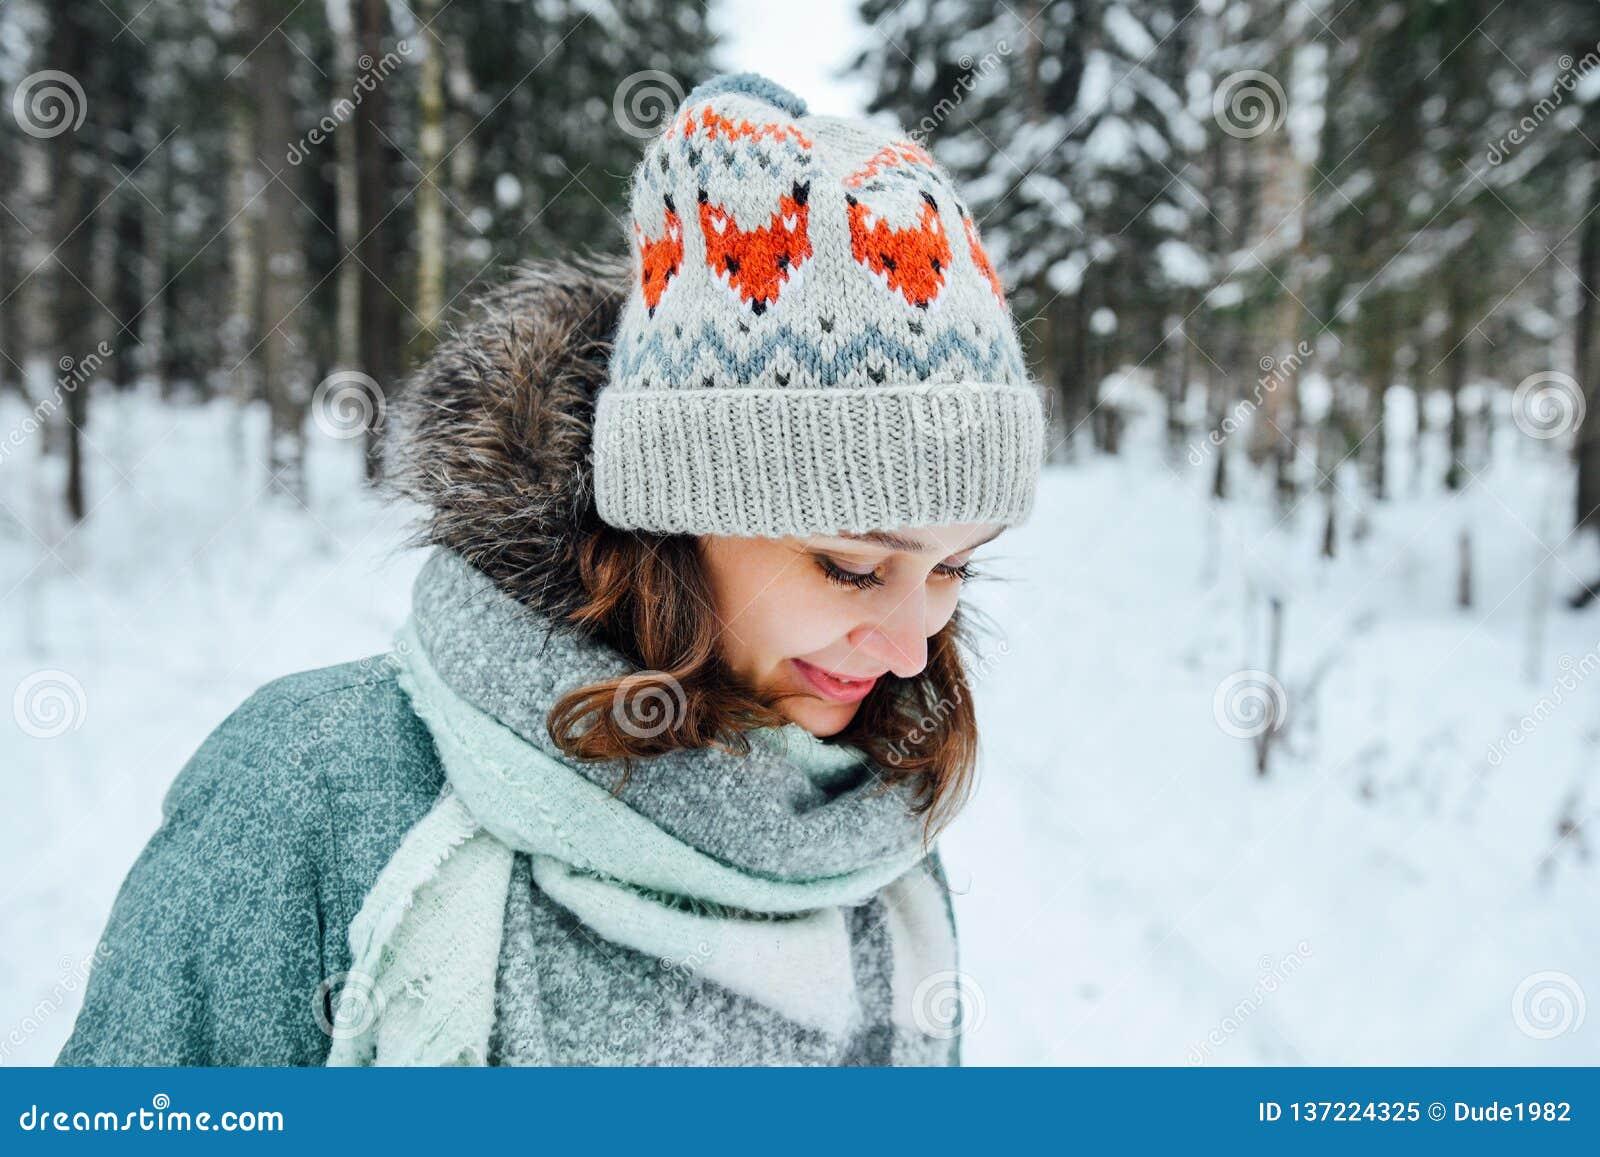 Abschluss im Freien herauf Porträt des jungen schönen glücklichen Mädchens, tragender stilvoller gestrickter Winterhut